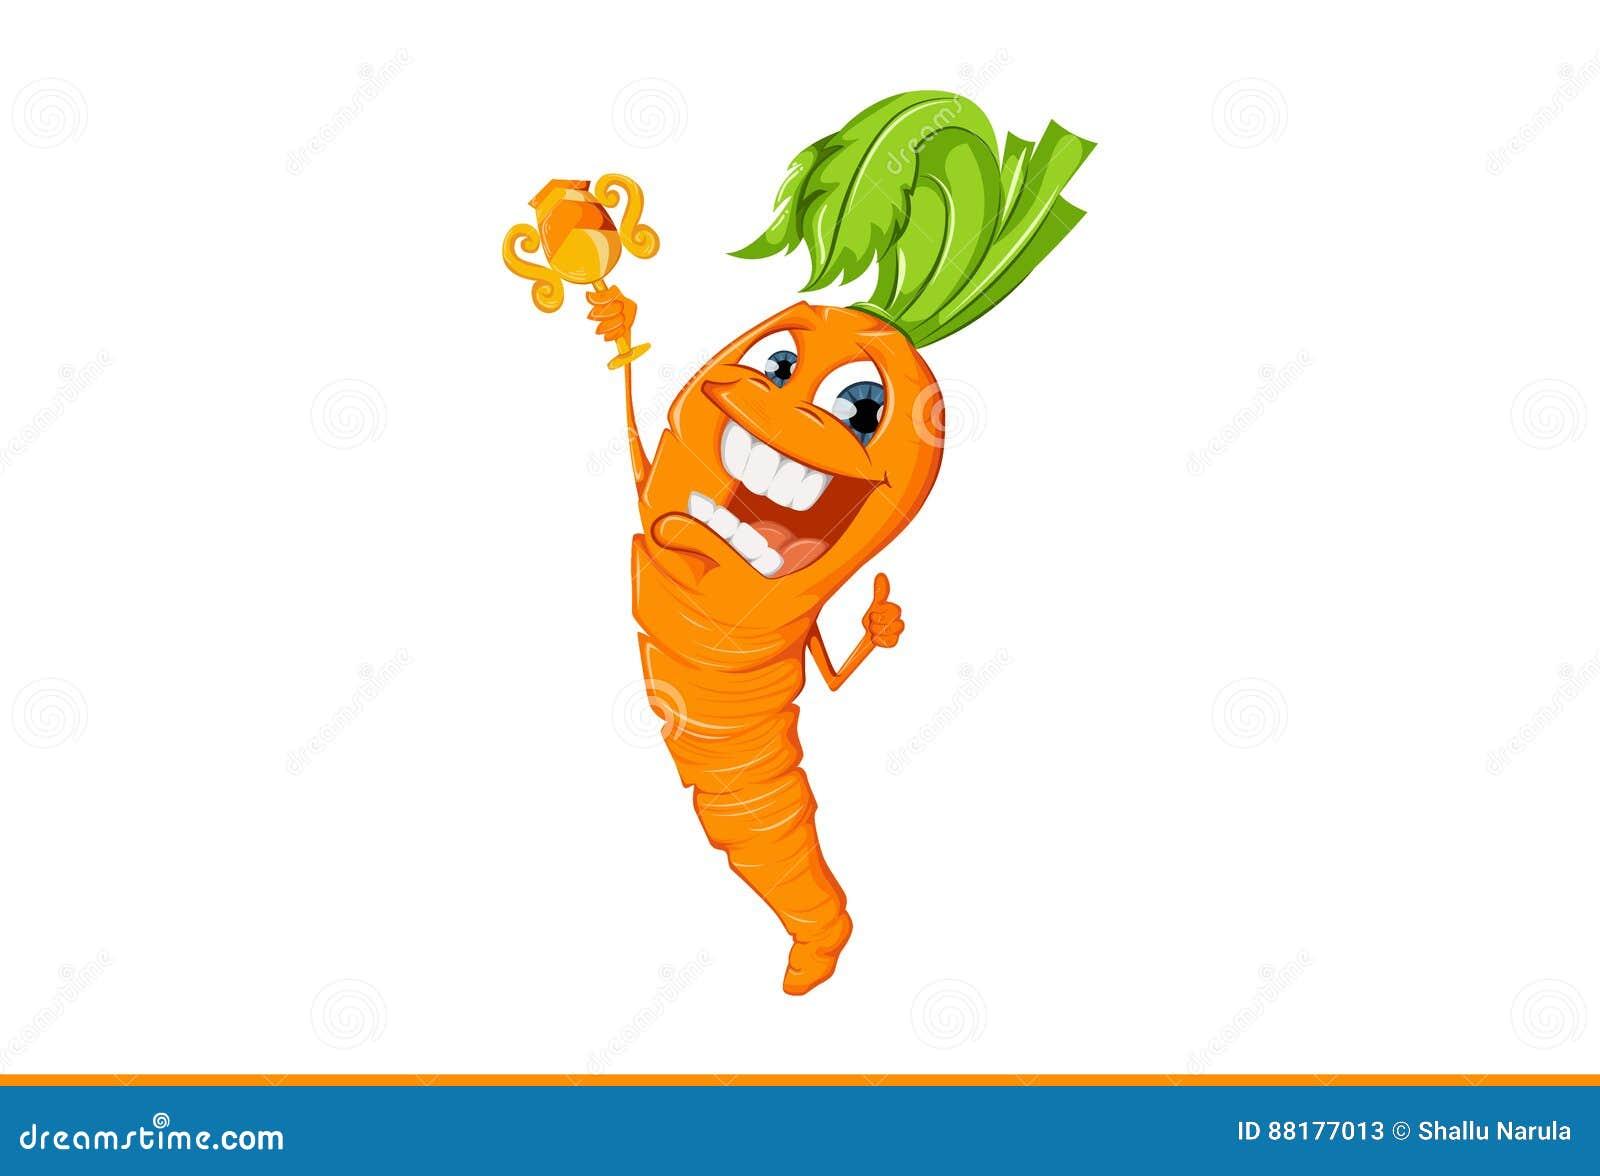 Zanahoria Feliz De La Historieta Con La Recompensa Stock De Ilustracion Ilustracion De Recompensa Feliz 88177013 La zanahoria es un alimento que contienen 1,25 gramos de proteínas, 6,90 gramos de carbohidratos, 6,90 gramos de azúcar por cada 100 gramos y no tienen grasa, aportando 39,40 calorias a la dieta. zanahoria feliz de la historieta con la recompensa stock de ilustracion ilustracion de recompensa feliz 88177013